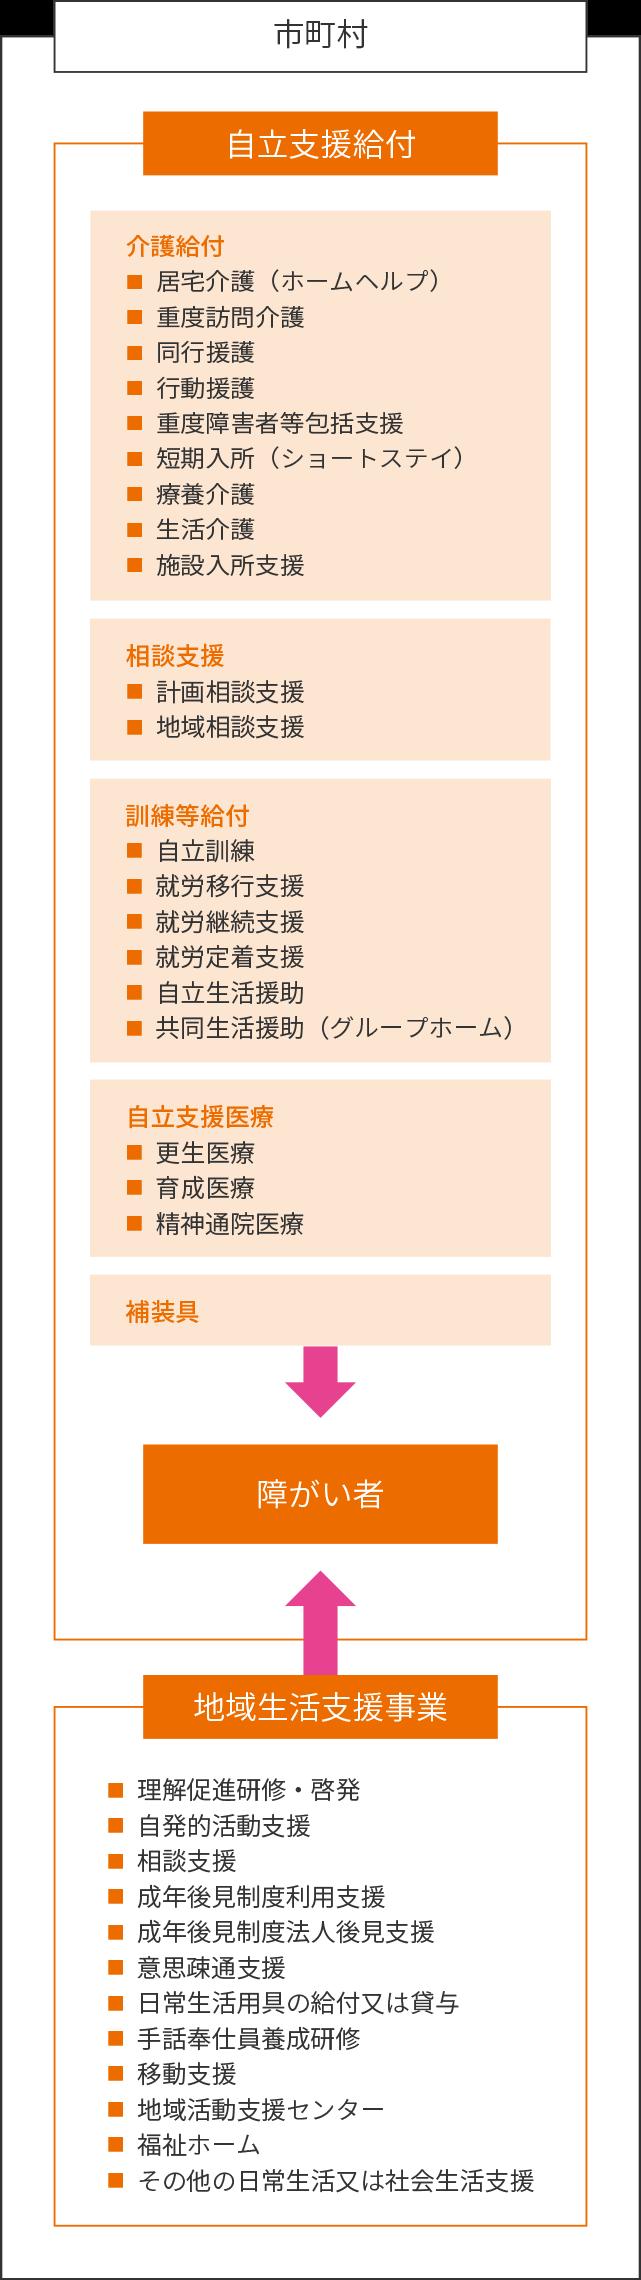 障害者総合支援法の概念図SP版